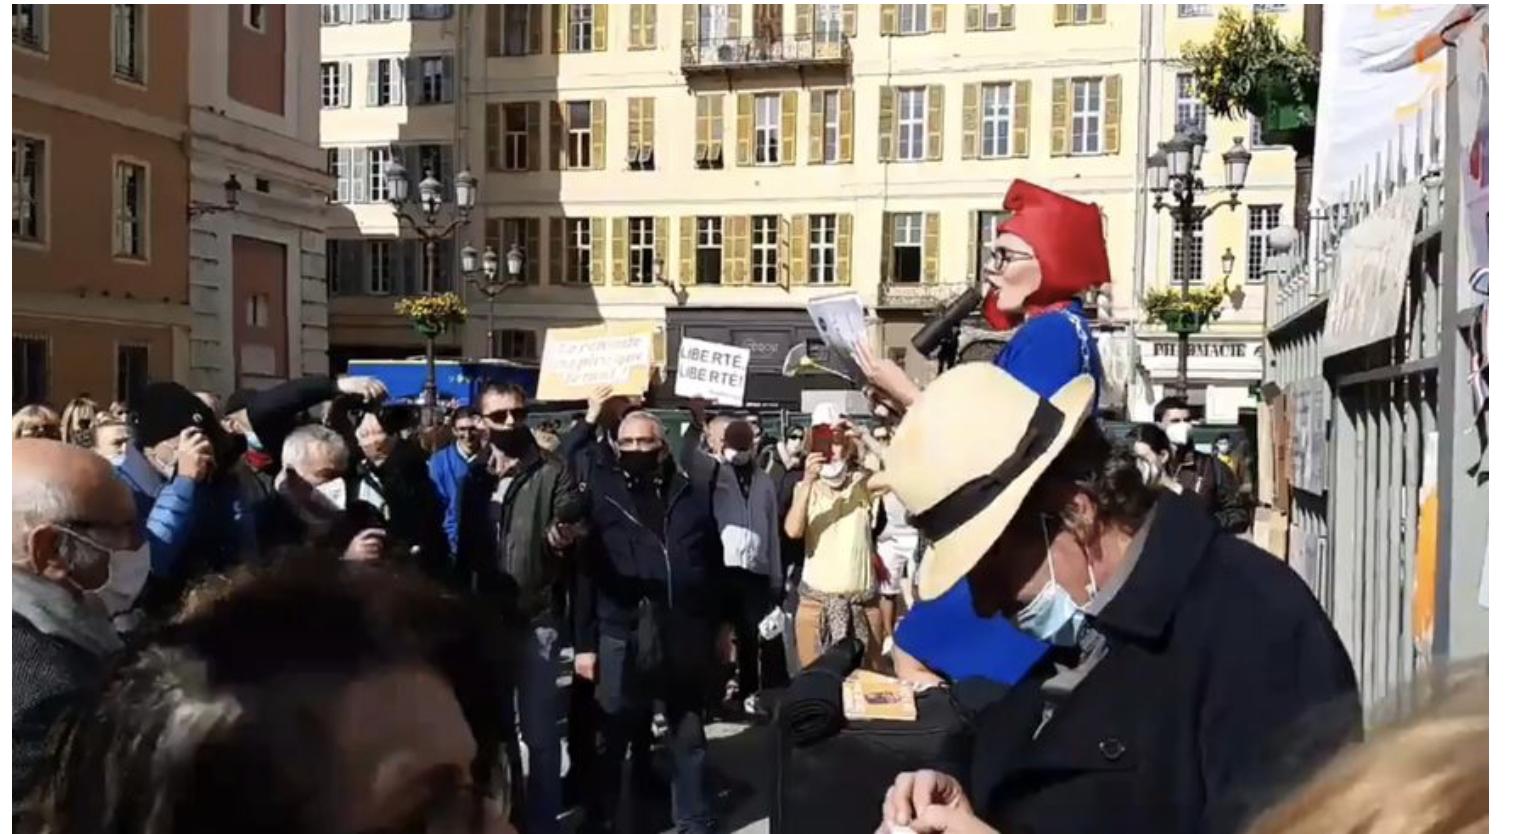 Des centaines de personnes à Nice pour réclamer la liberté à l'appel de Philippot